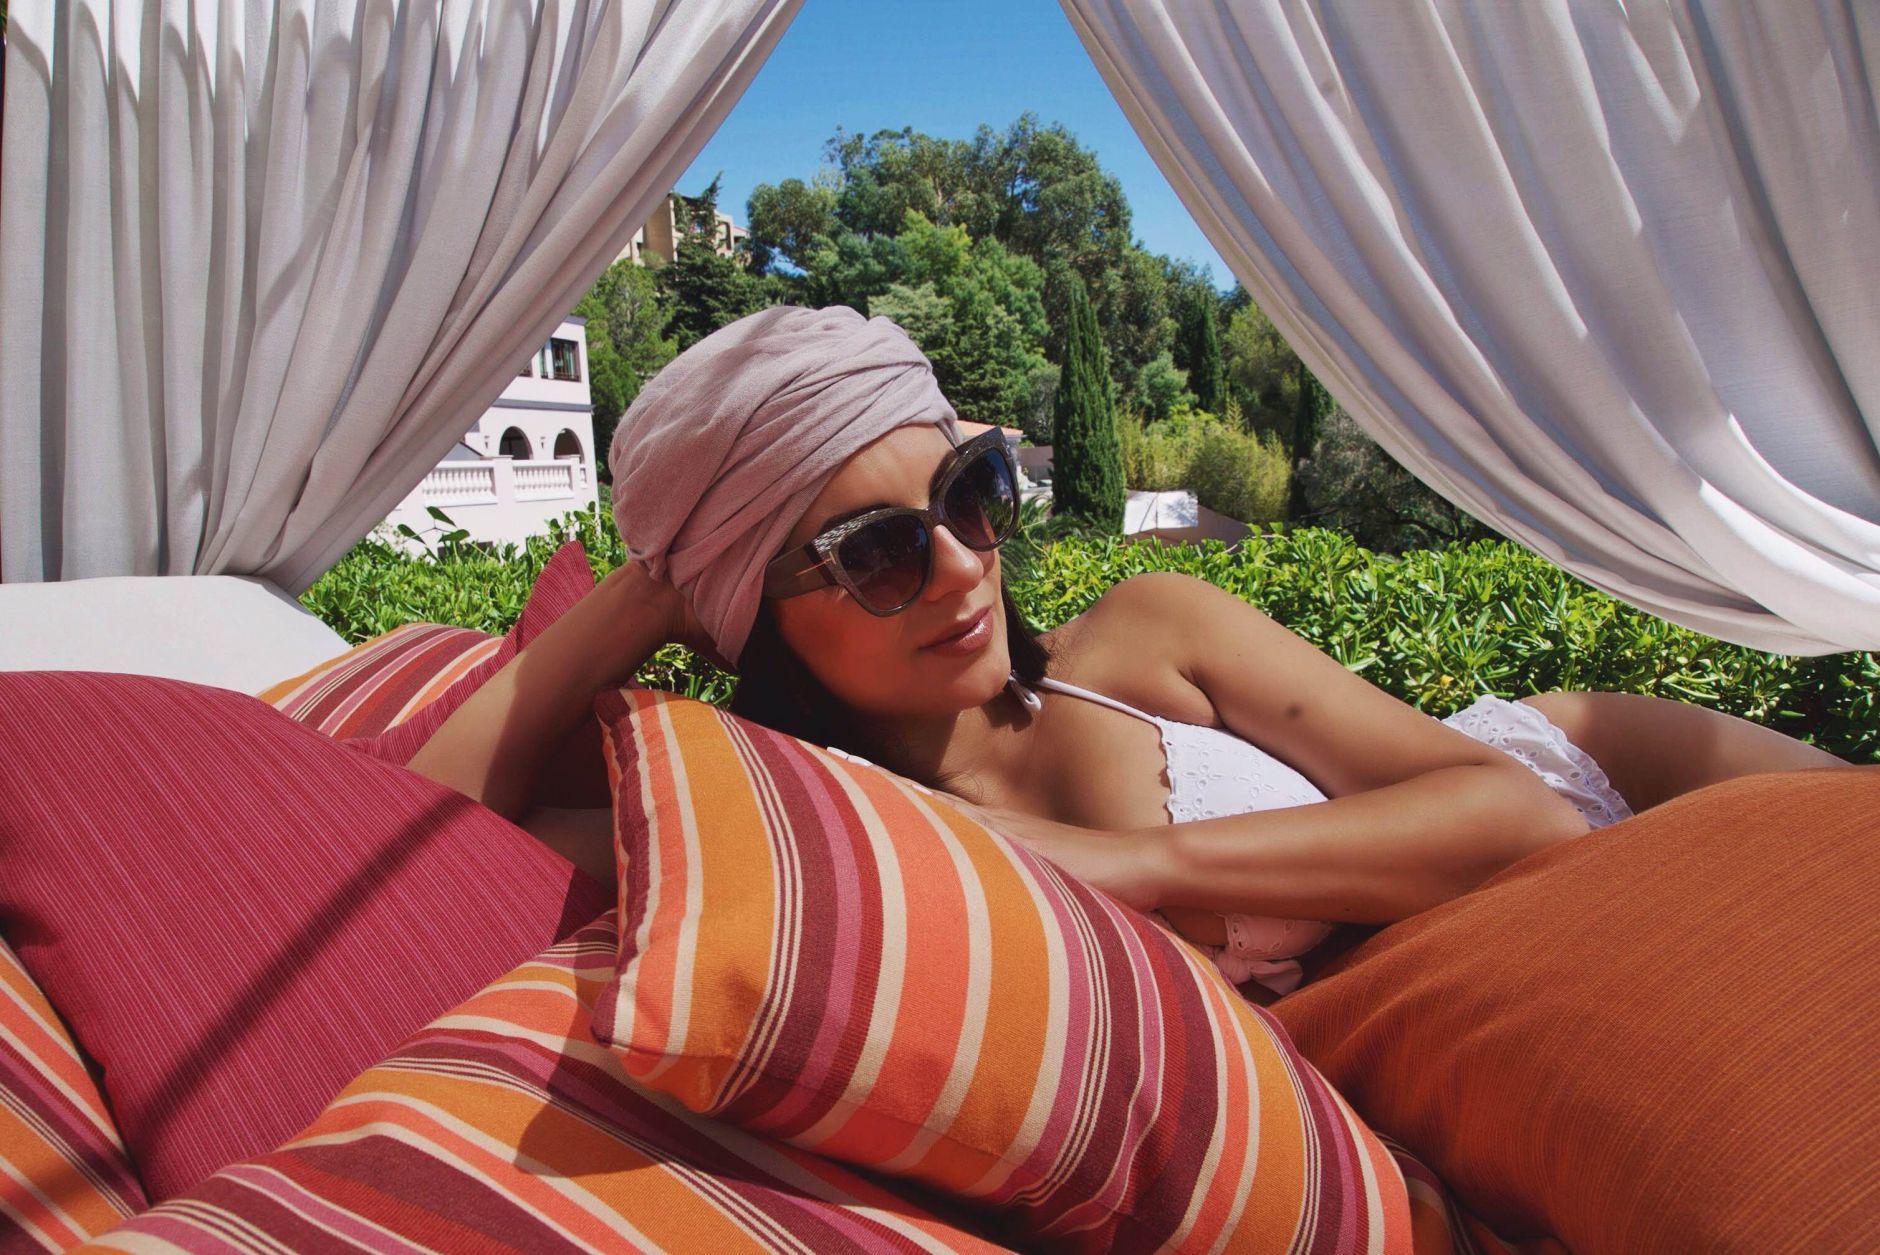 13Tiara-Miramar-Beach-Hotel-Spa-Cote-dAzur-Disi-Couture-Edisa-Shahini-Cannes-France